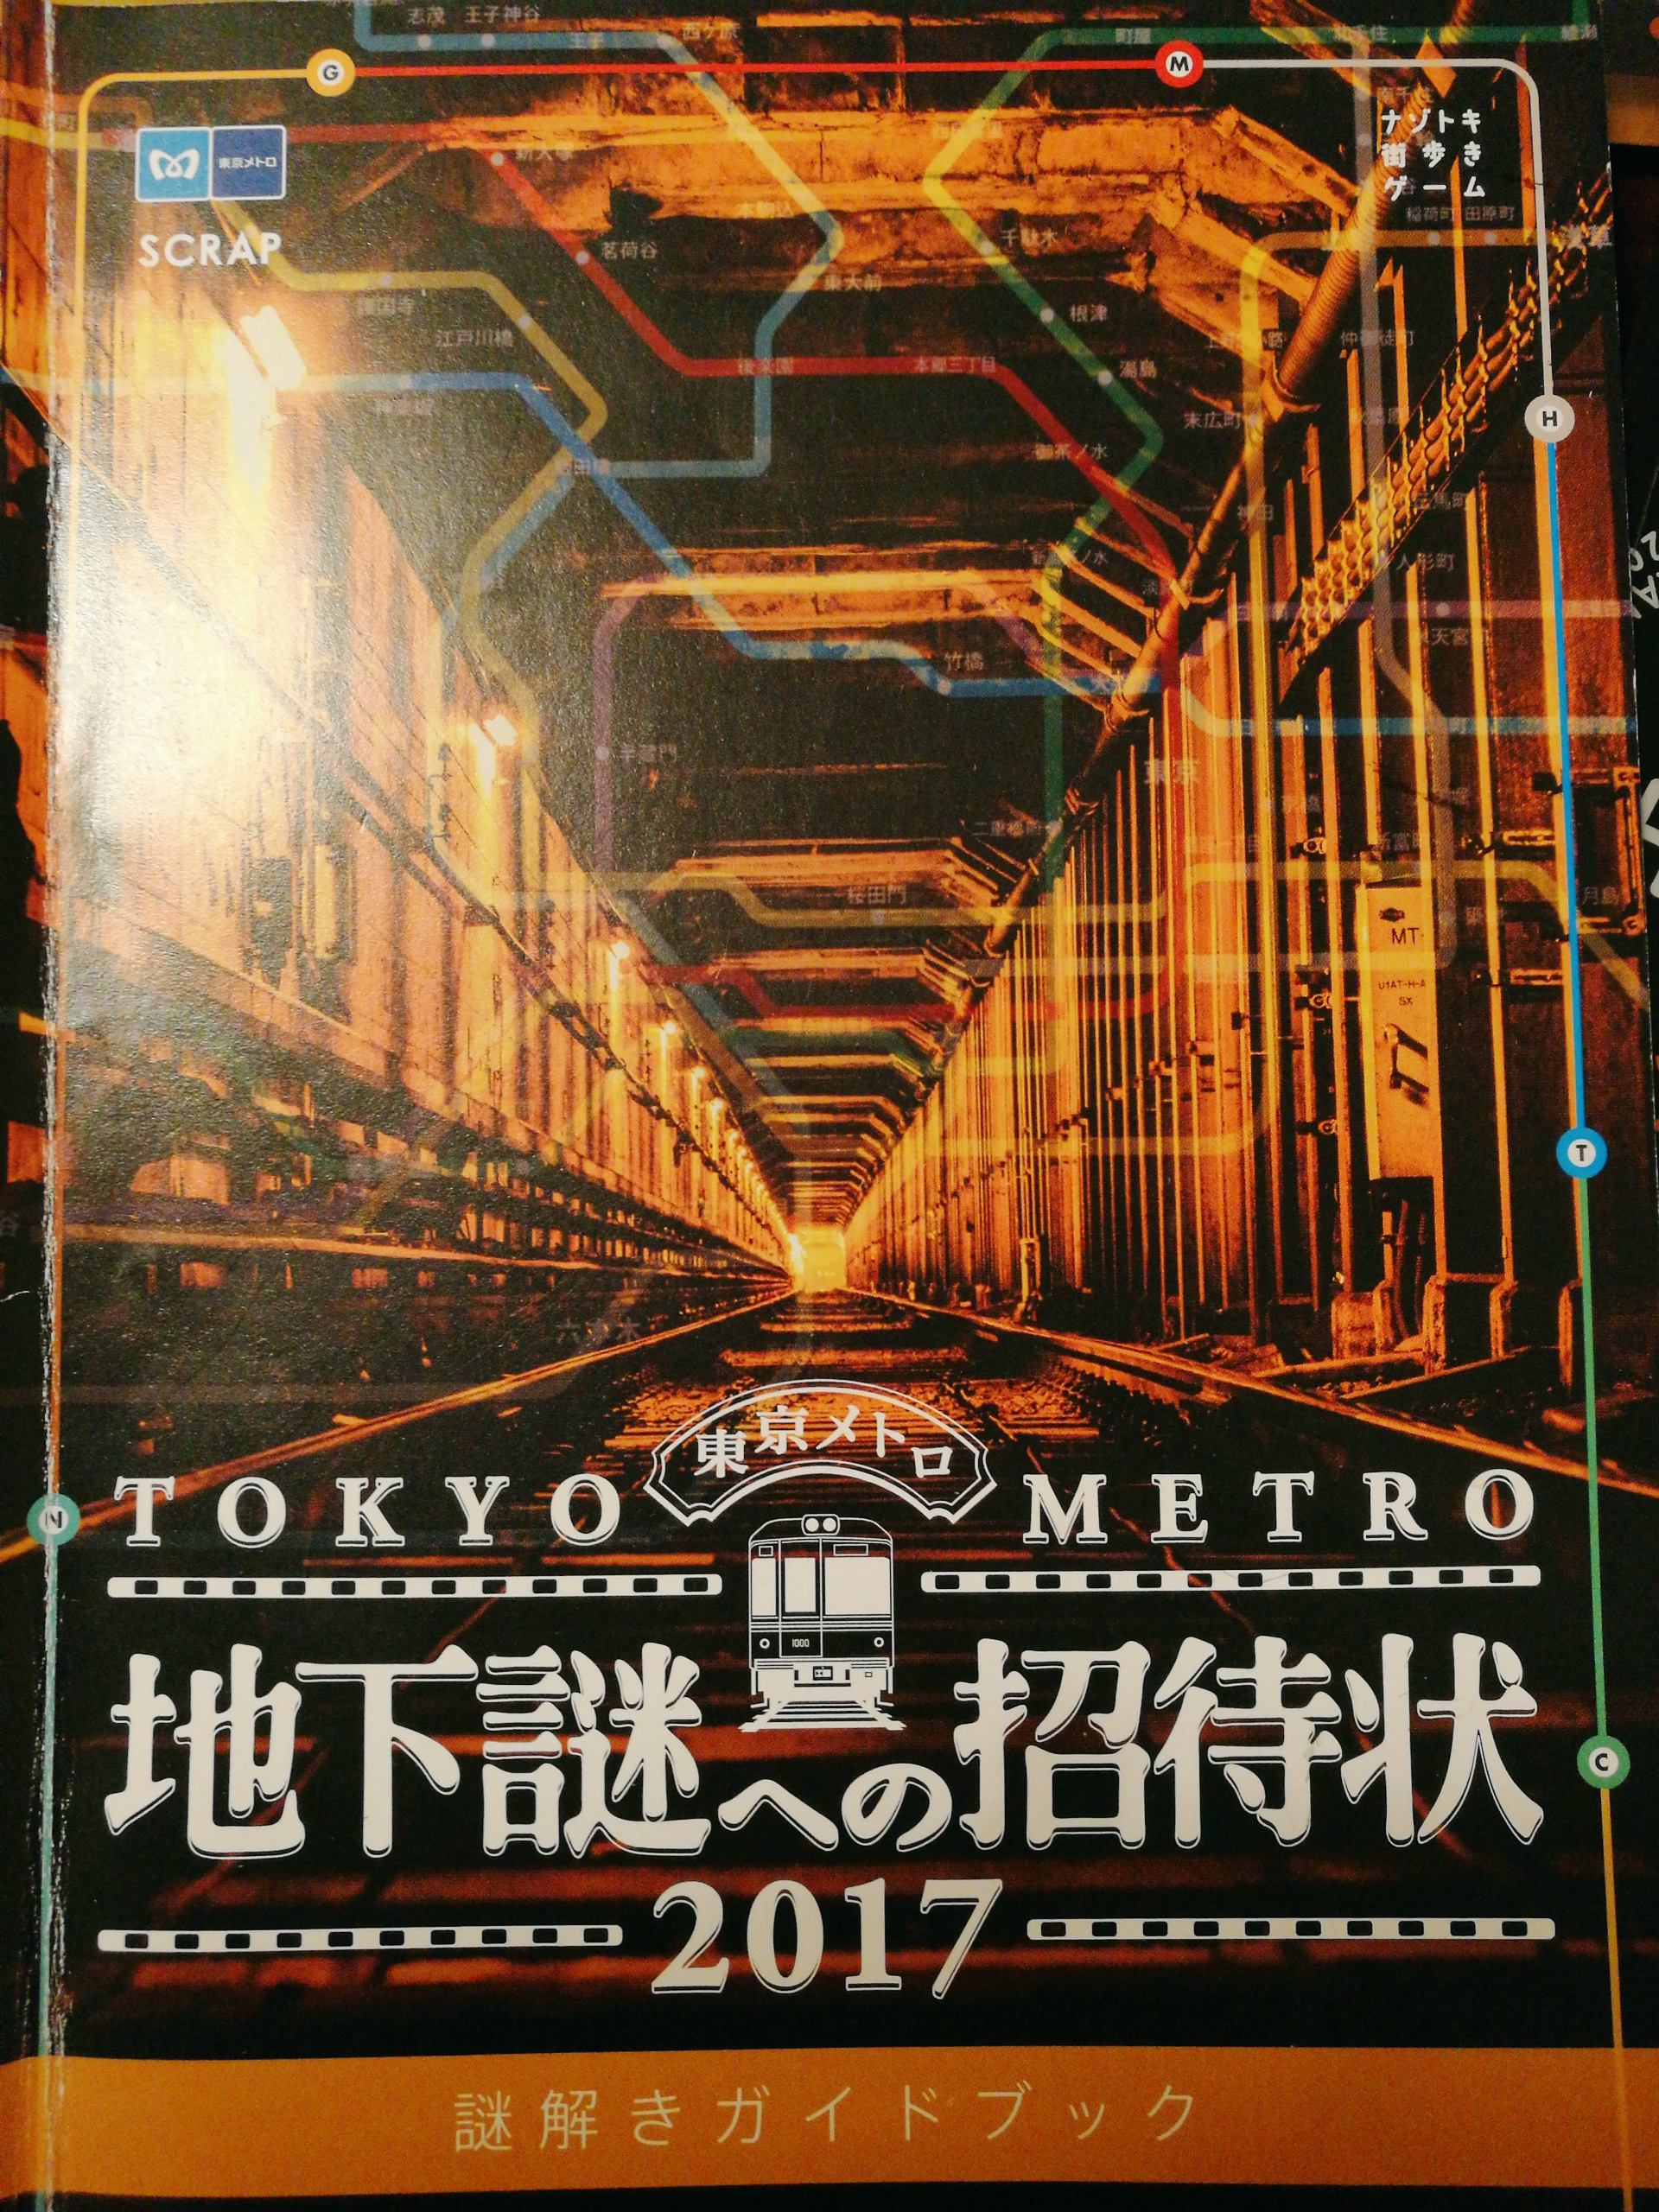 【ナゾトキ東京メトロ】地下謎への招待状2017を体験!